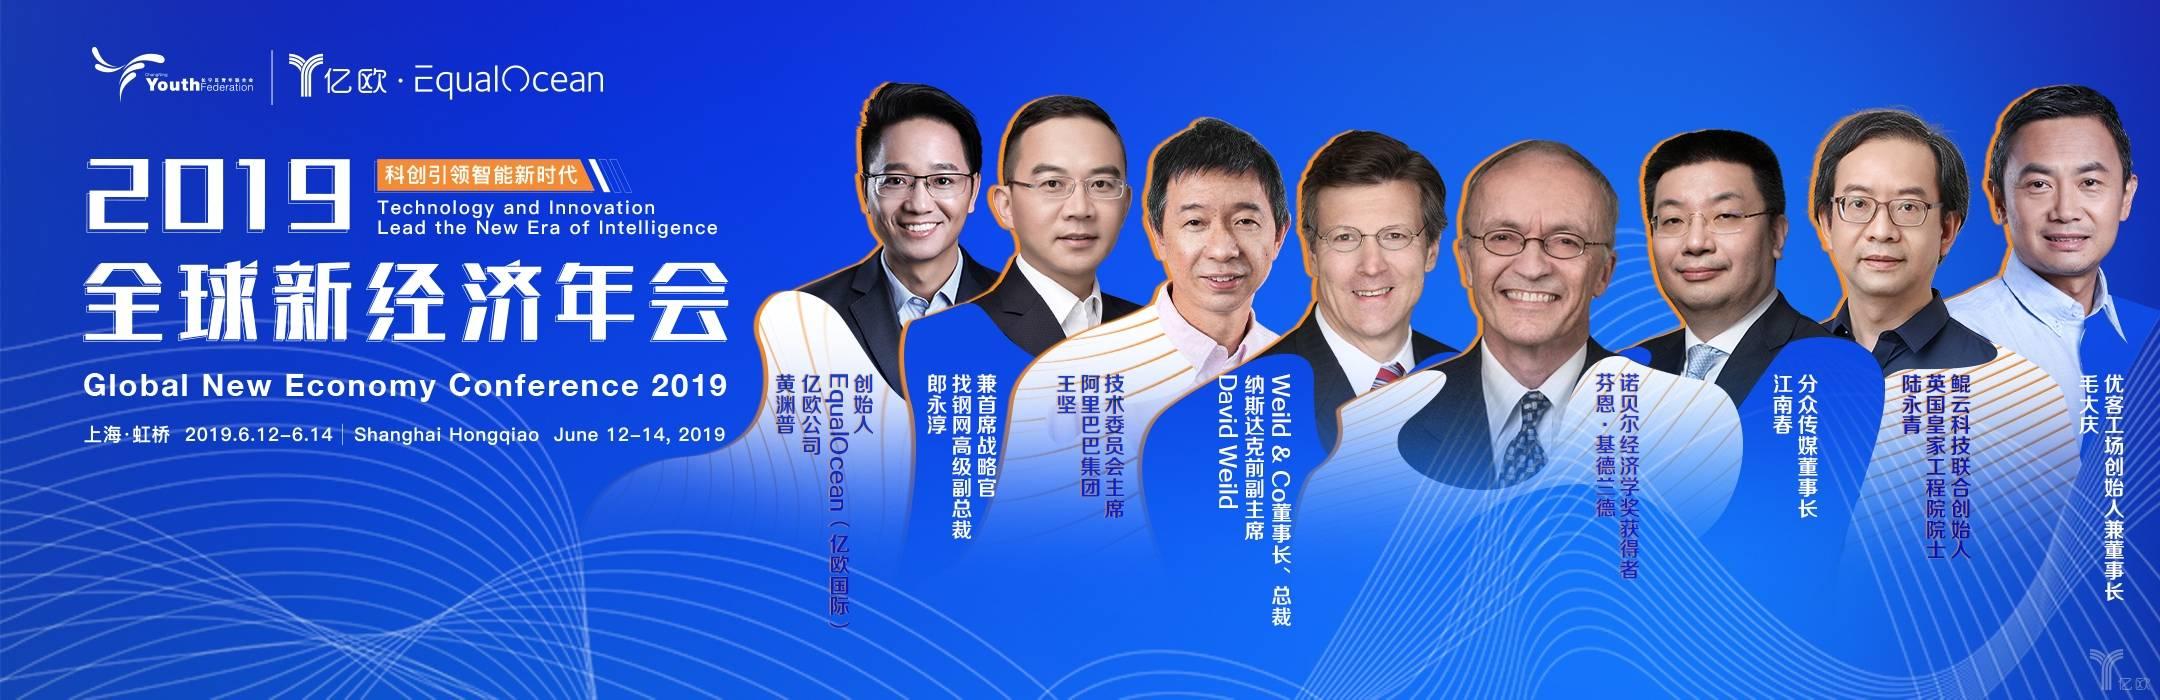 2019全球新经济年会.jpg